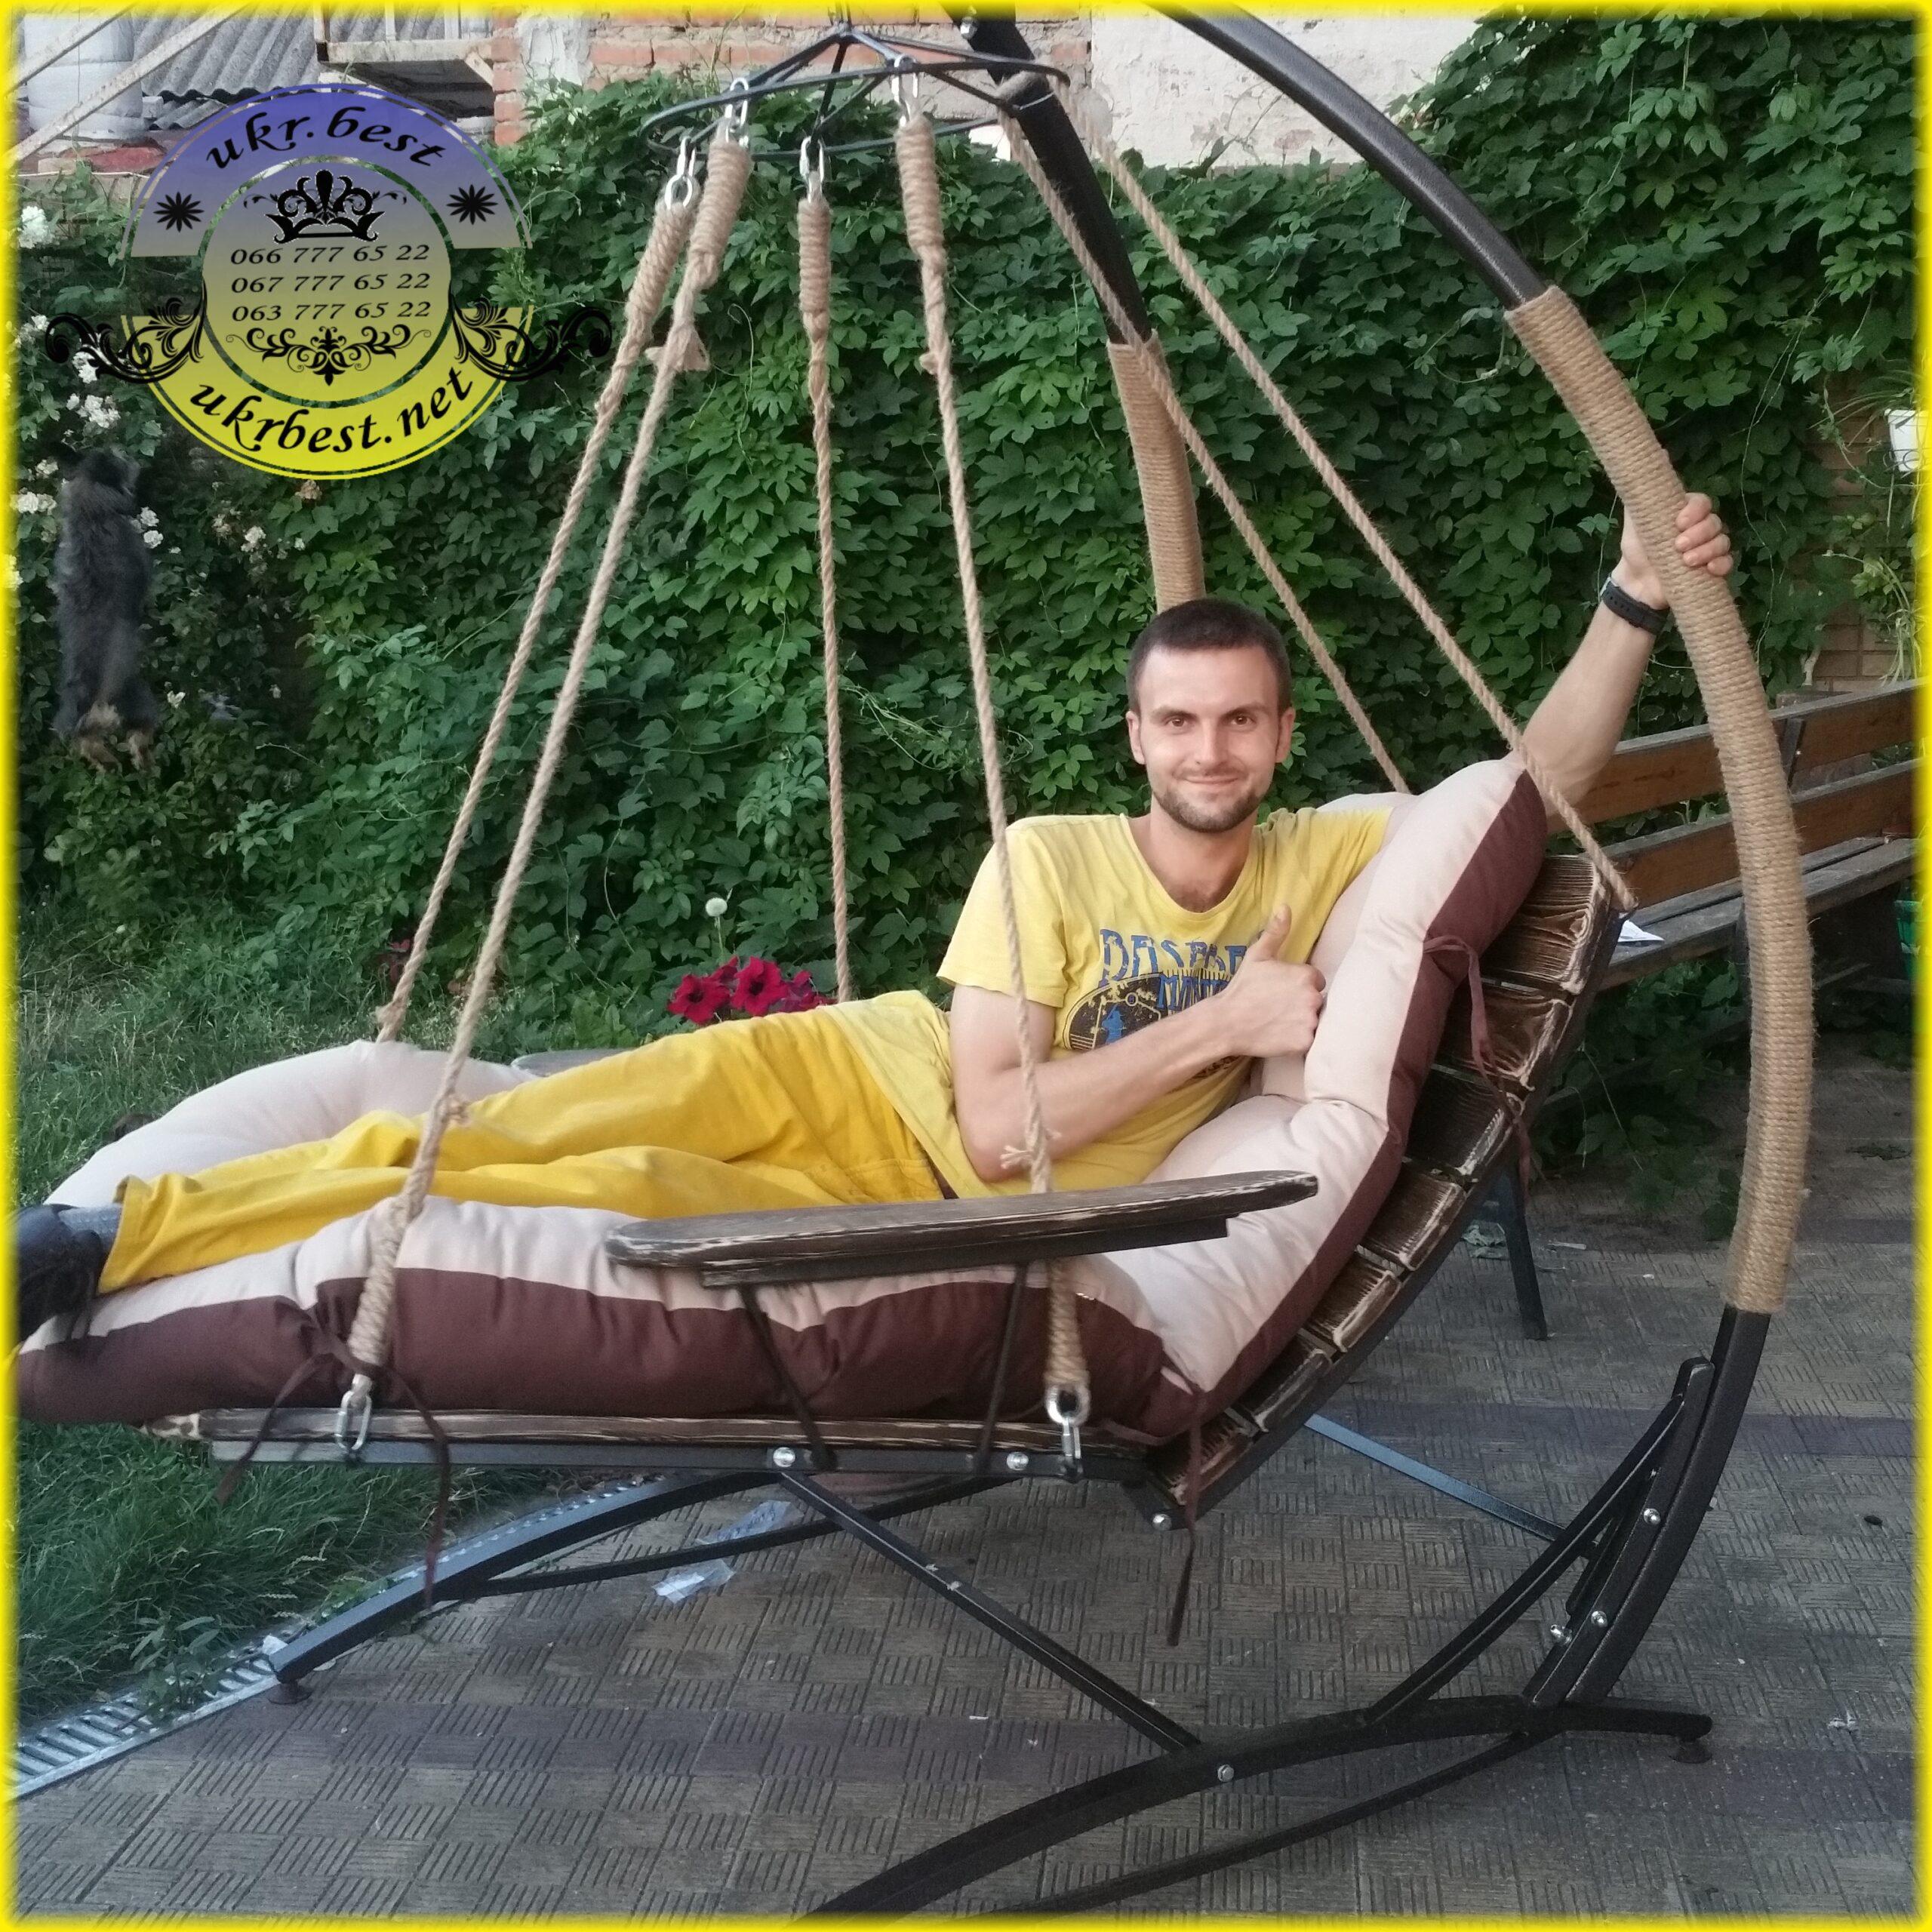 Садовые качели Эго - уличная мебель на фото UkrBest.